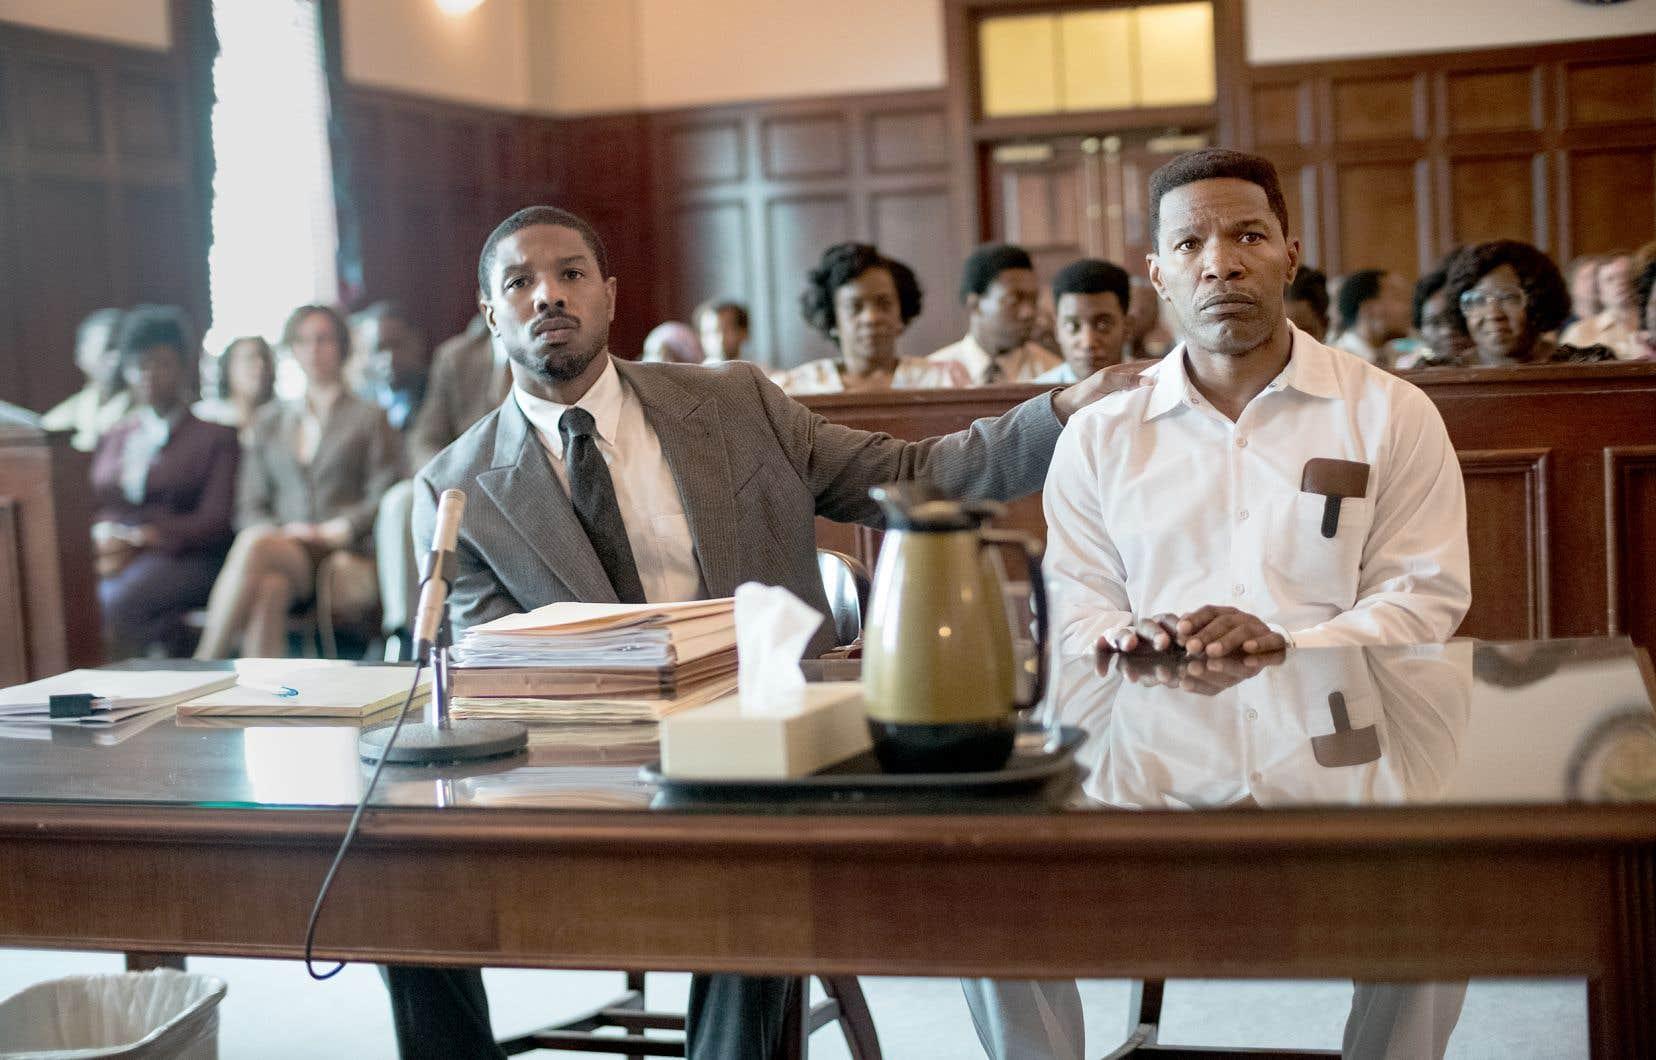 Le contraste est frappant entre l'assurance fragile telle qu'incarnée par Michael B. Jordan en jeune avocat idéaliste et l'intensité maîtrisée de Jamie Foxx en faux coupable, une de ses meilleures performances depuis «Ray».